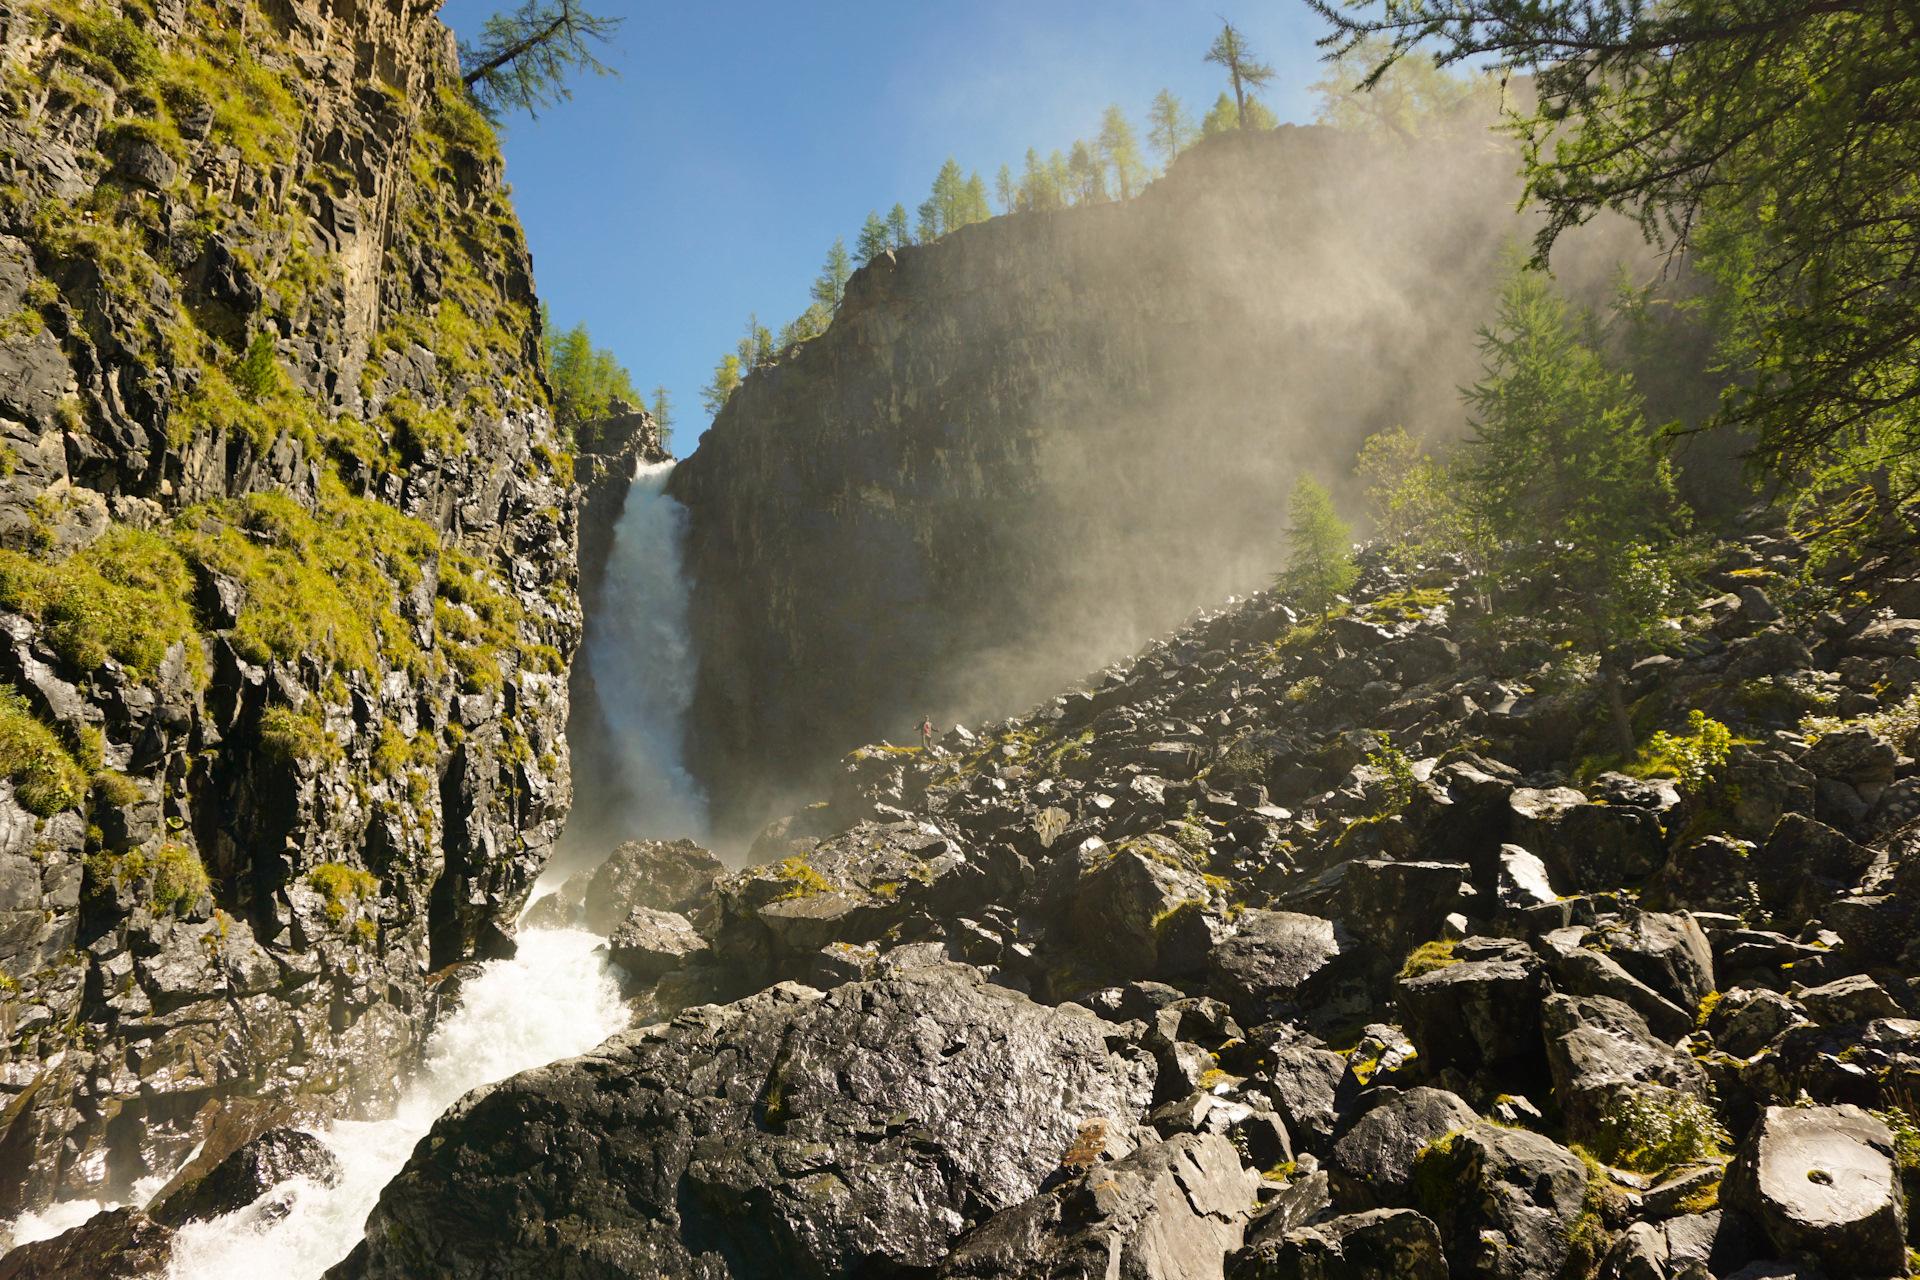 смотреть фотографии водопад текелю алтайский край если